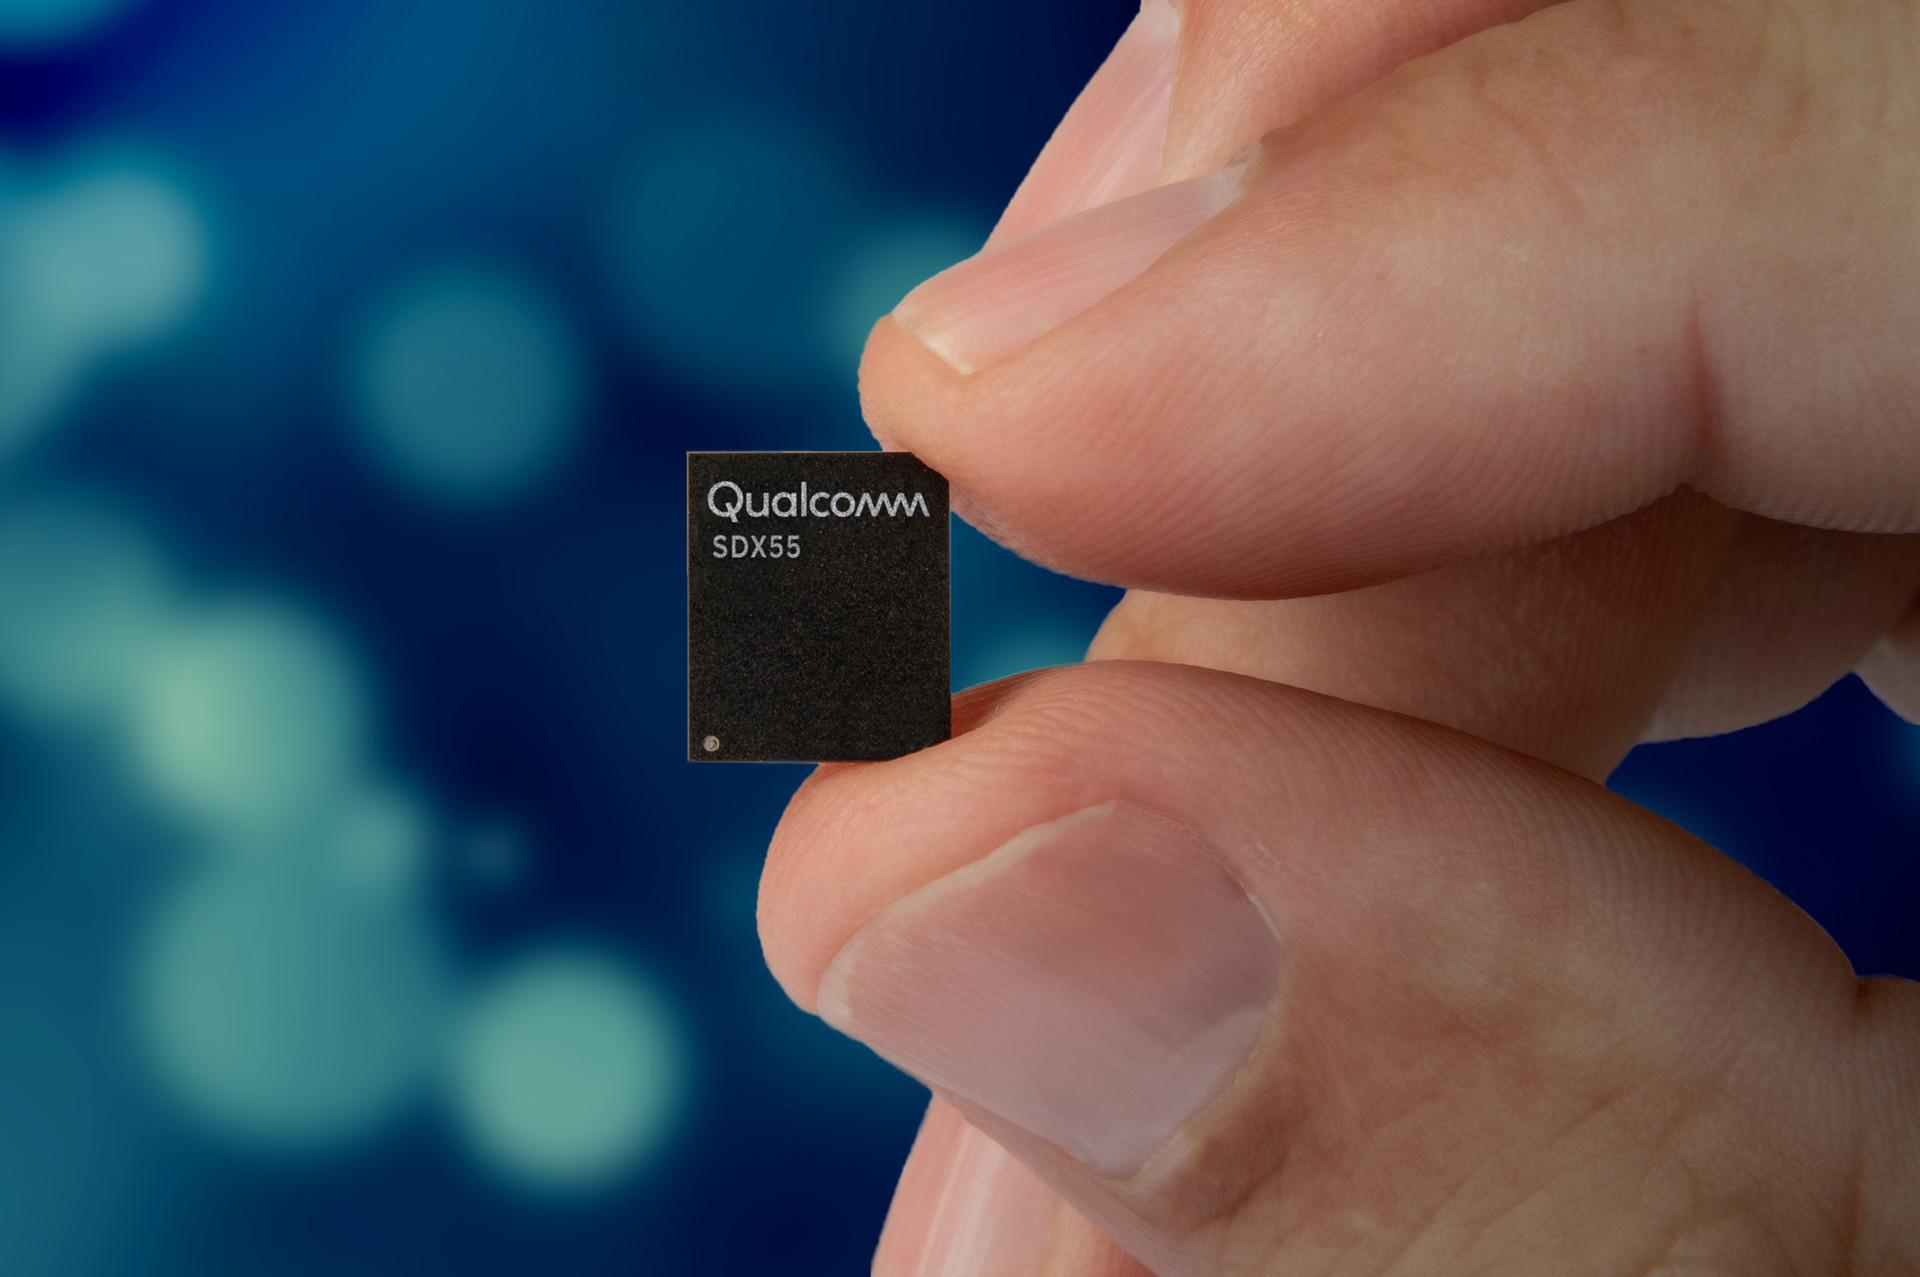 高通发布骁龙X55 5G调制解调器加速全球5G部署